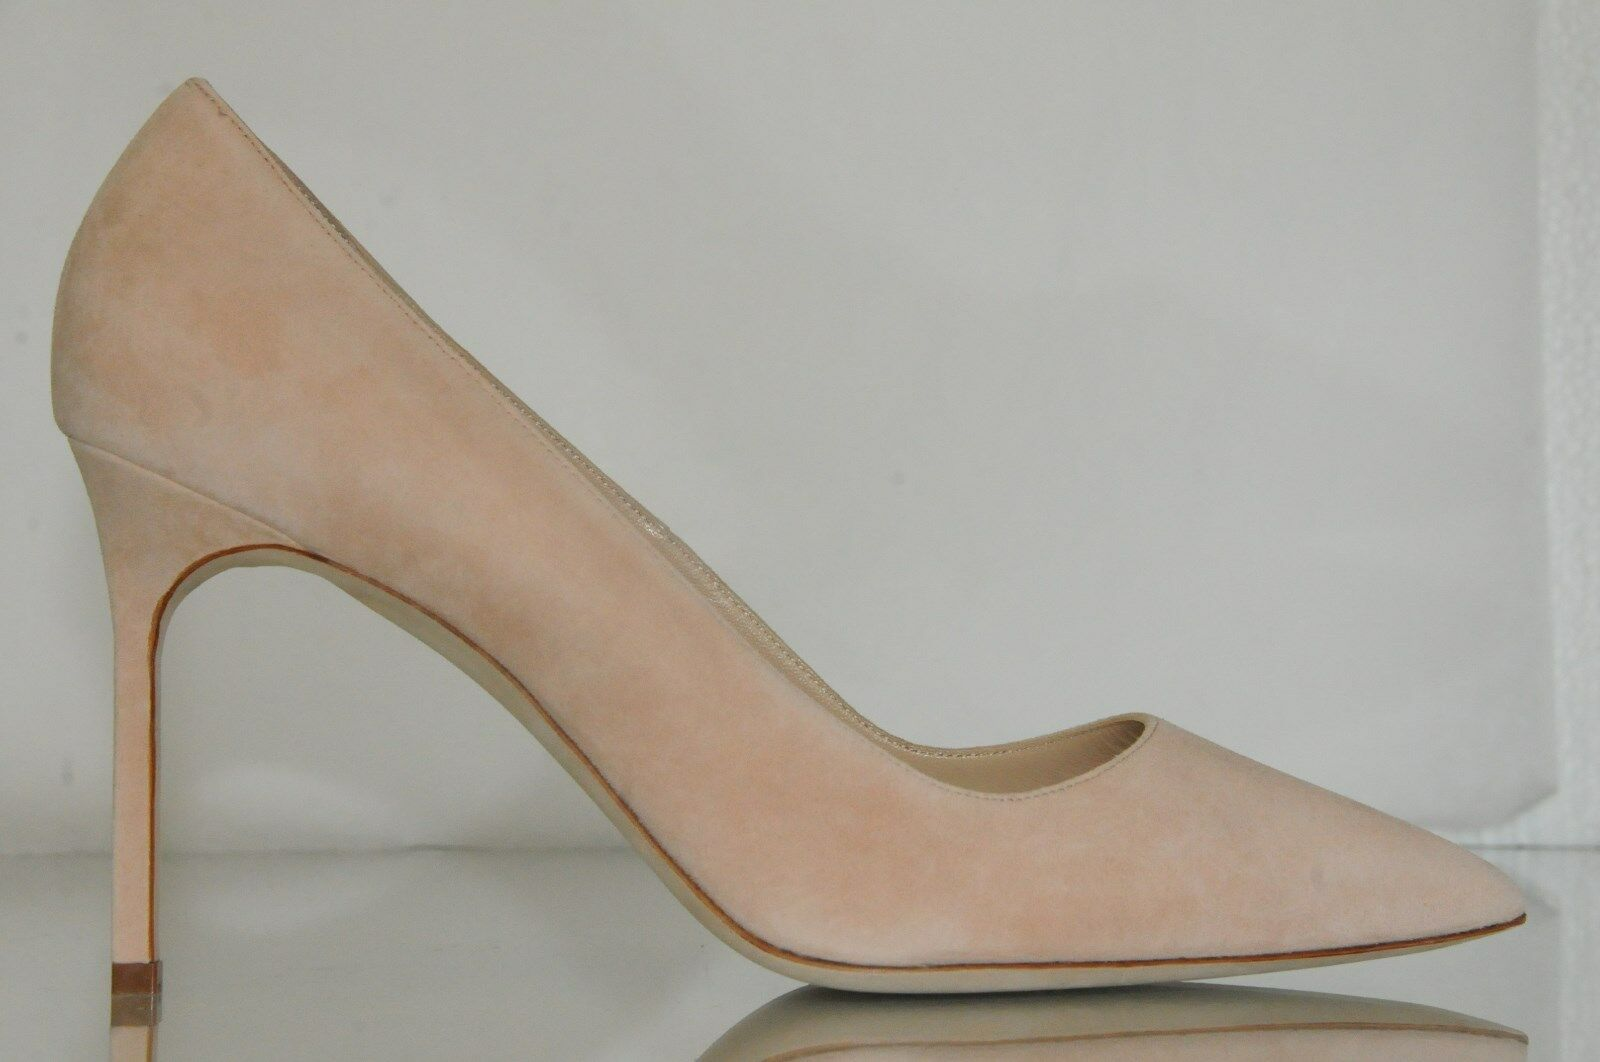 Nuevo Manolo Blahnik Stabipla Beis Color Color Color Carne Zapatos de ante Bb Tacones  garantizado